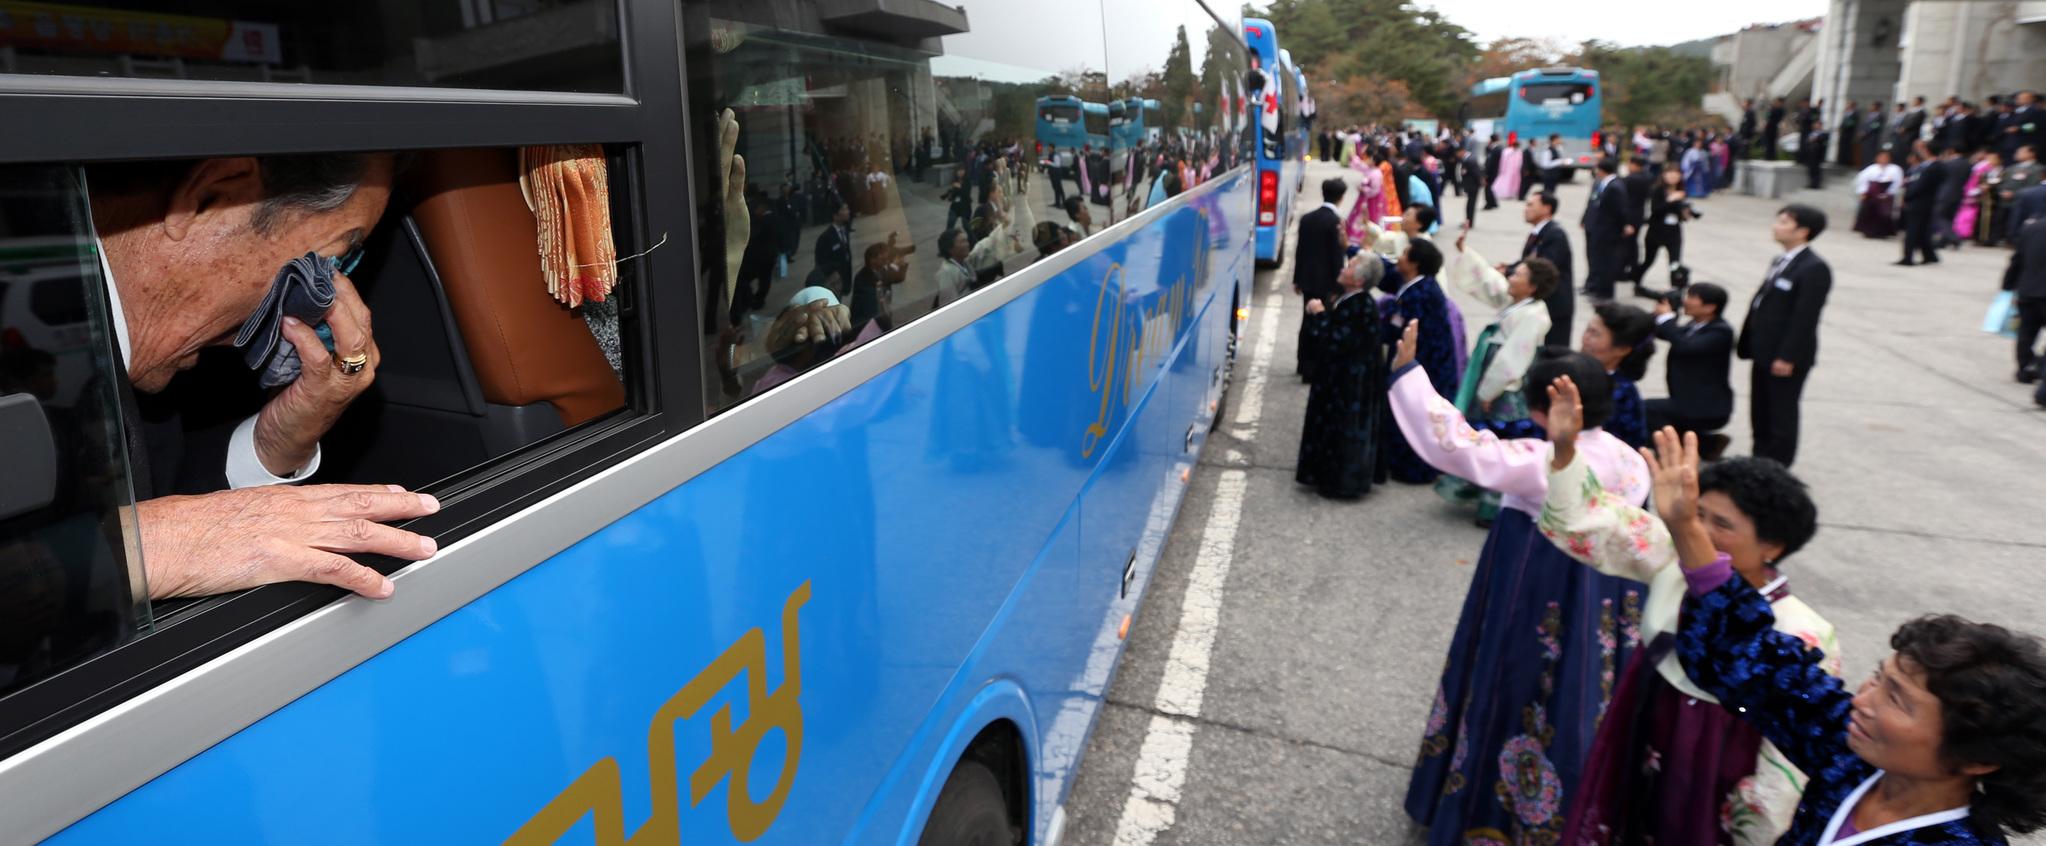 지난 2015년10월 북한 금강산에서 열린 제20차 남북이산가족상봉 행사가 끝난 뒤 한 할아버지가 북측 가족과 헤어지며 눈물짓고 있다. [사진공동취재단]